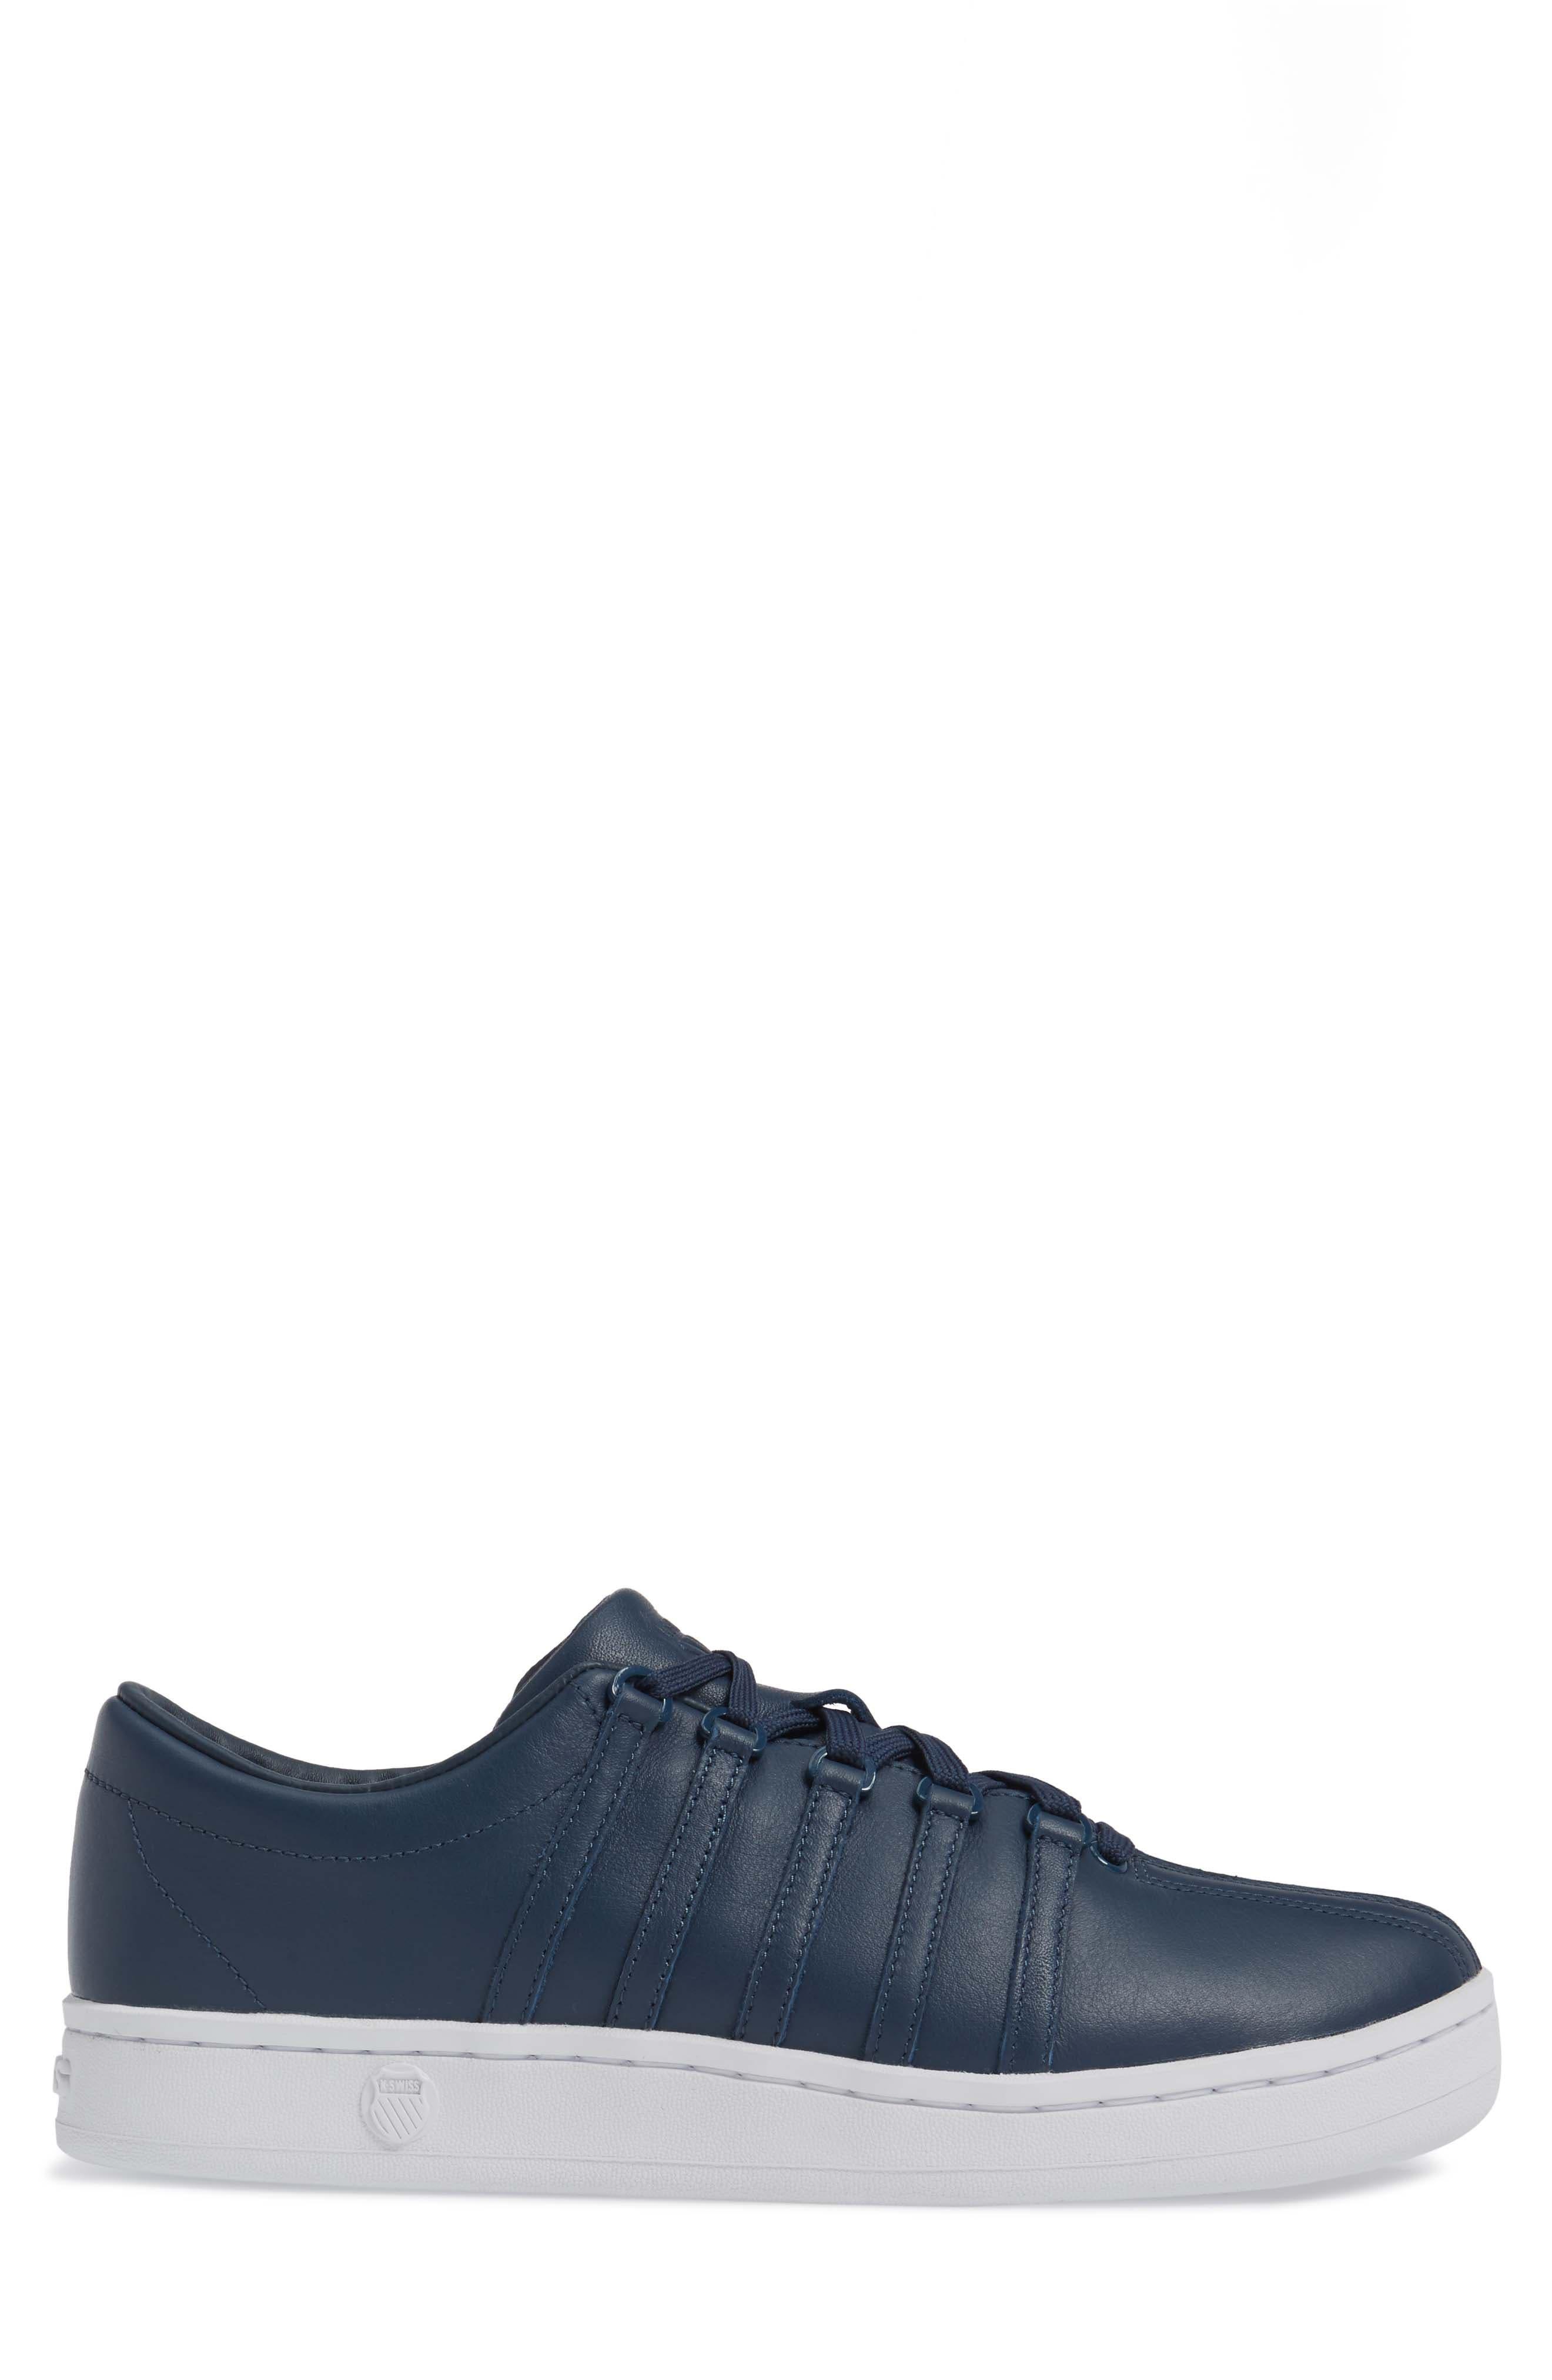 Classic '88 Sneaker,                             Alternate thumbnail 3, color,                             Dark Denim/ White